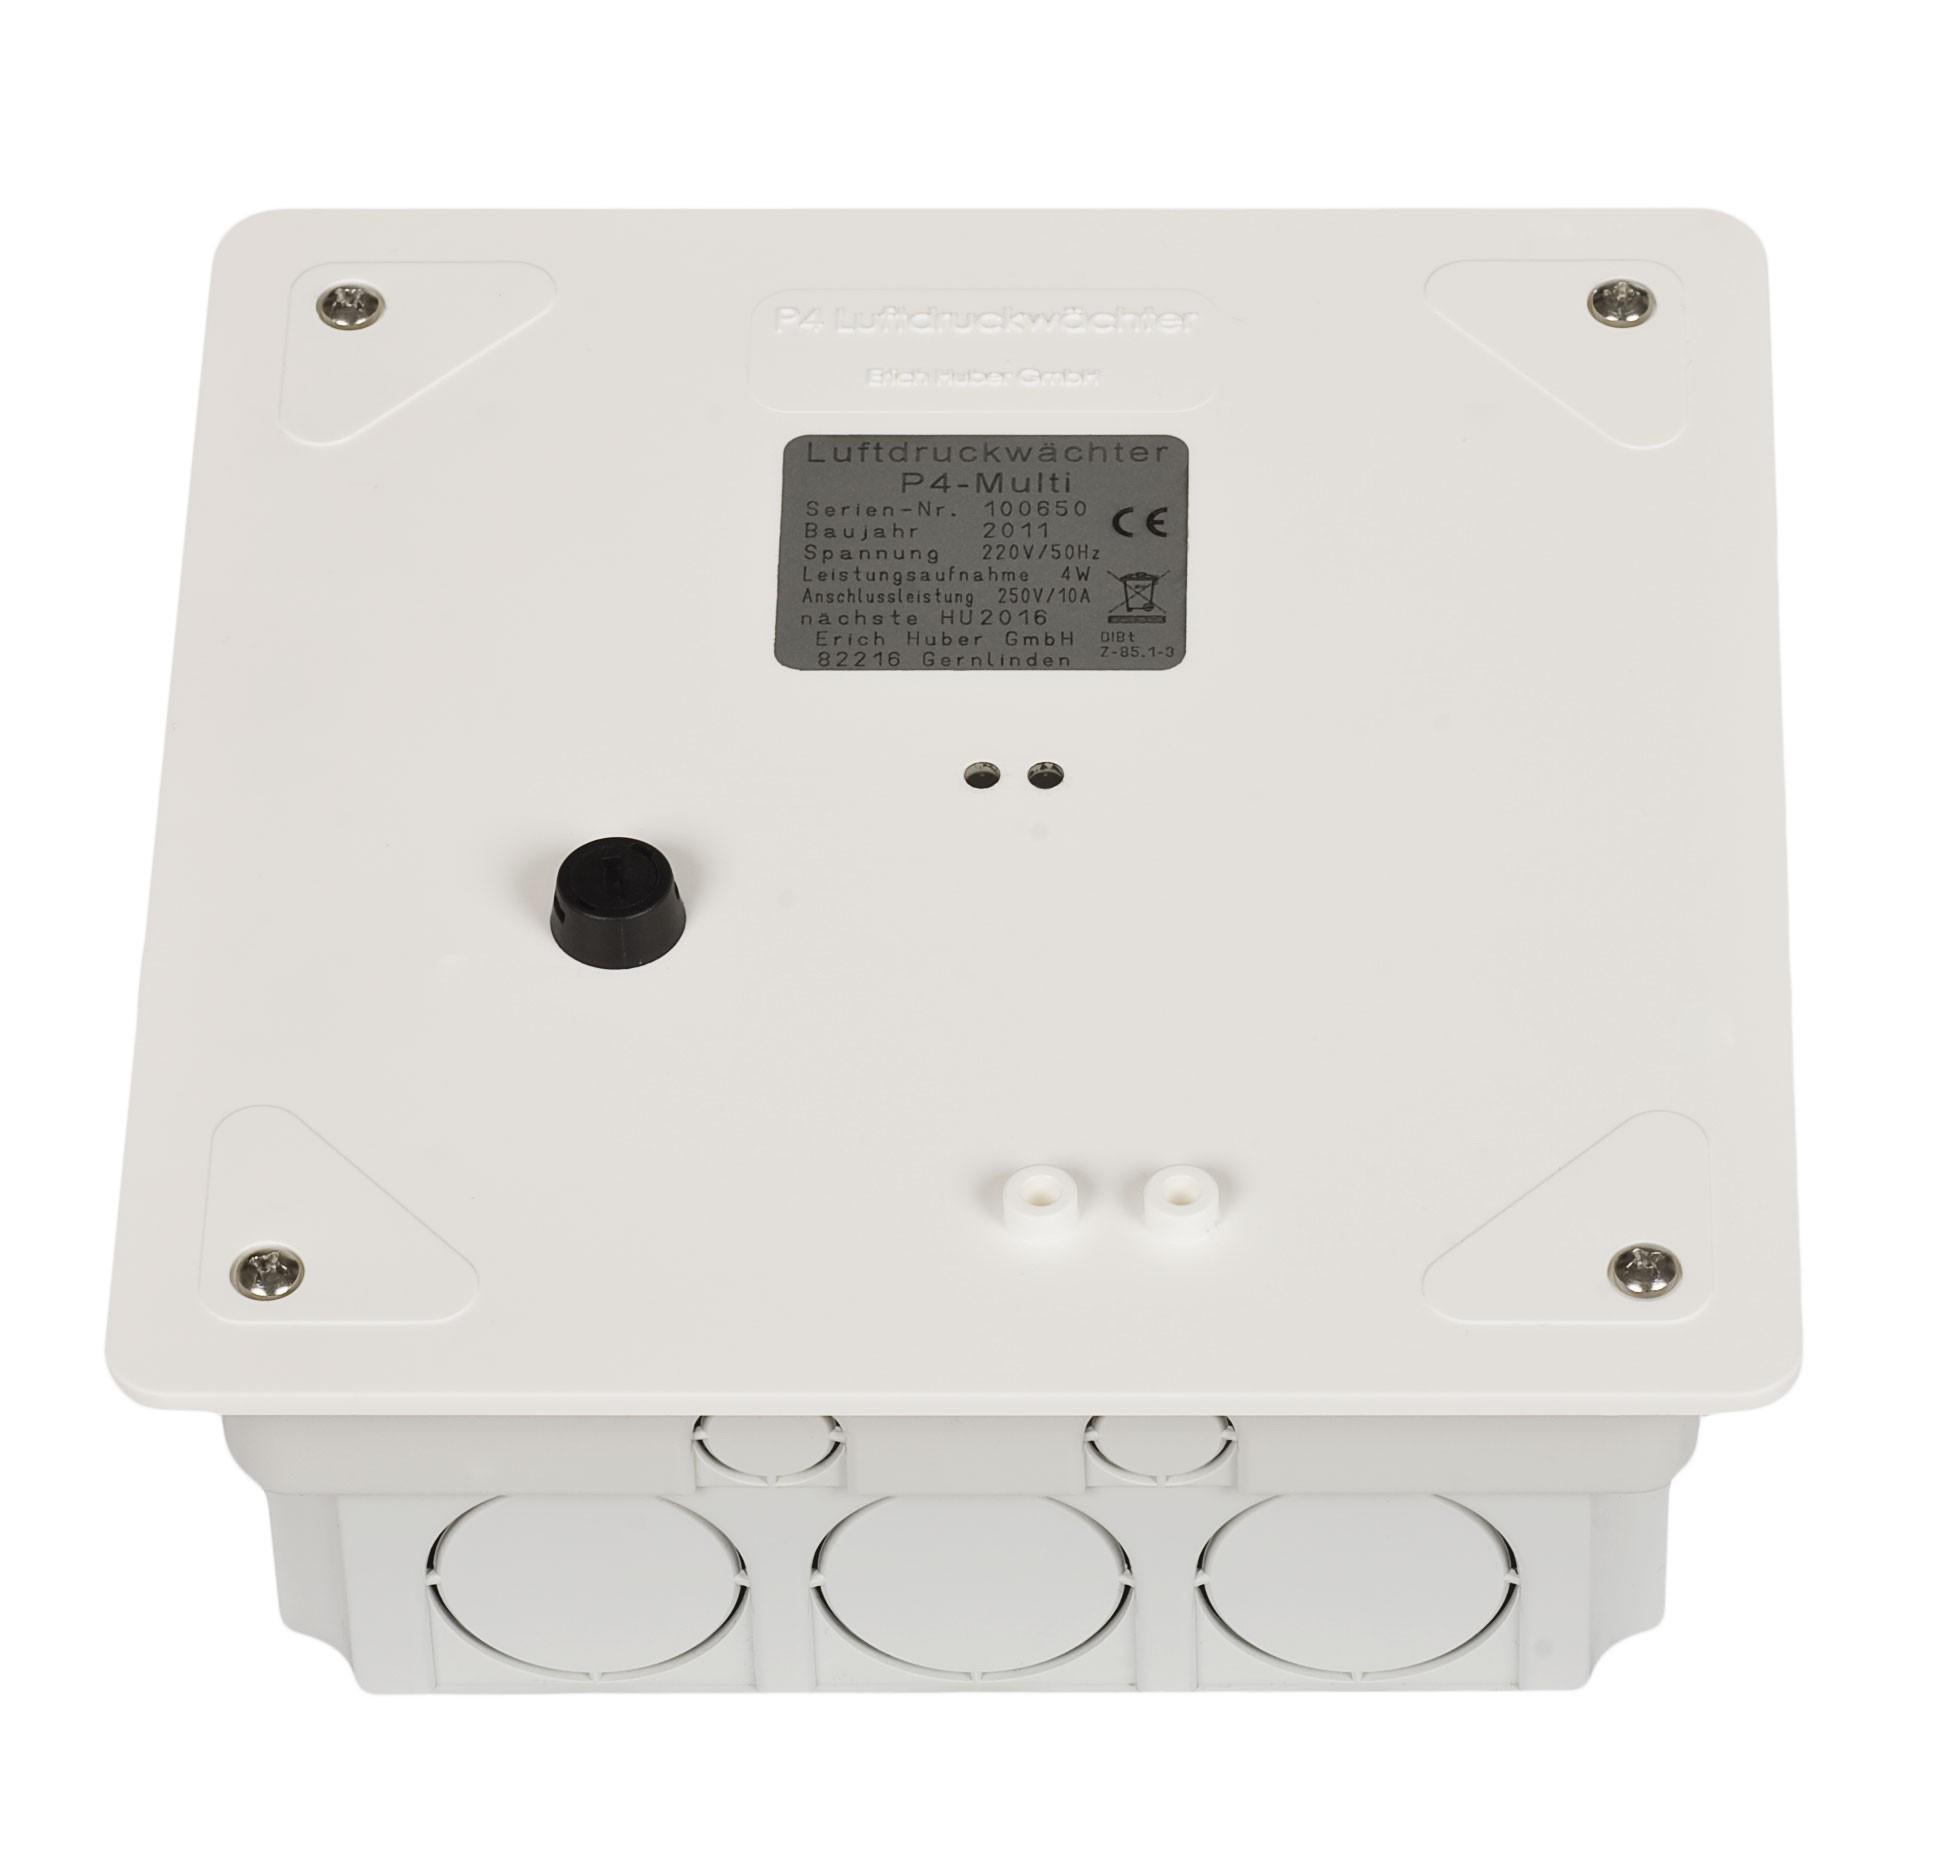 Luftdruckwächter P4 Multi Unterputz 6m Luftschlauch DIBt Bild 1